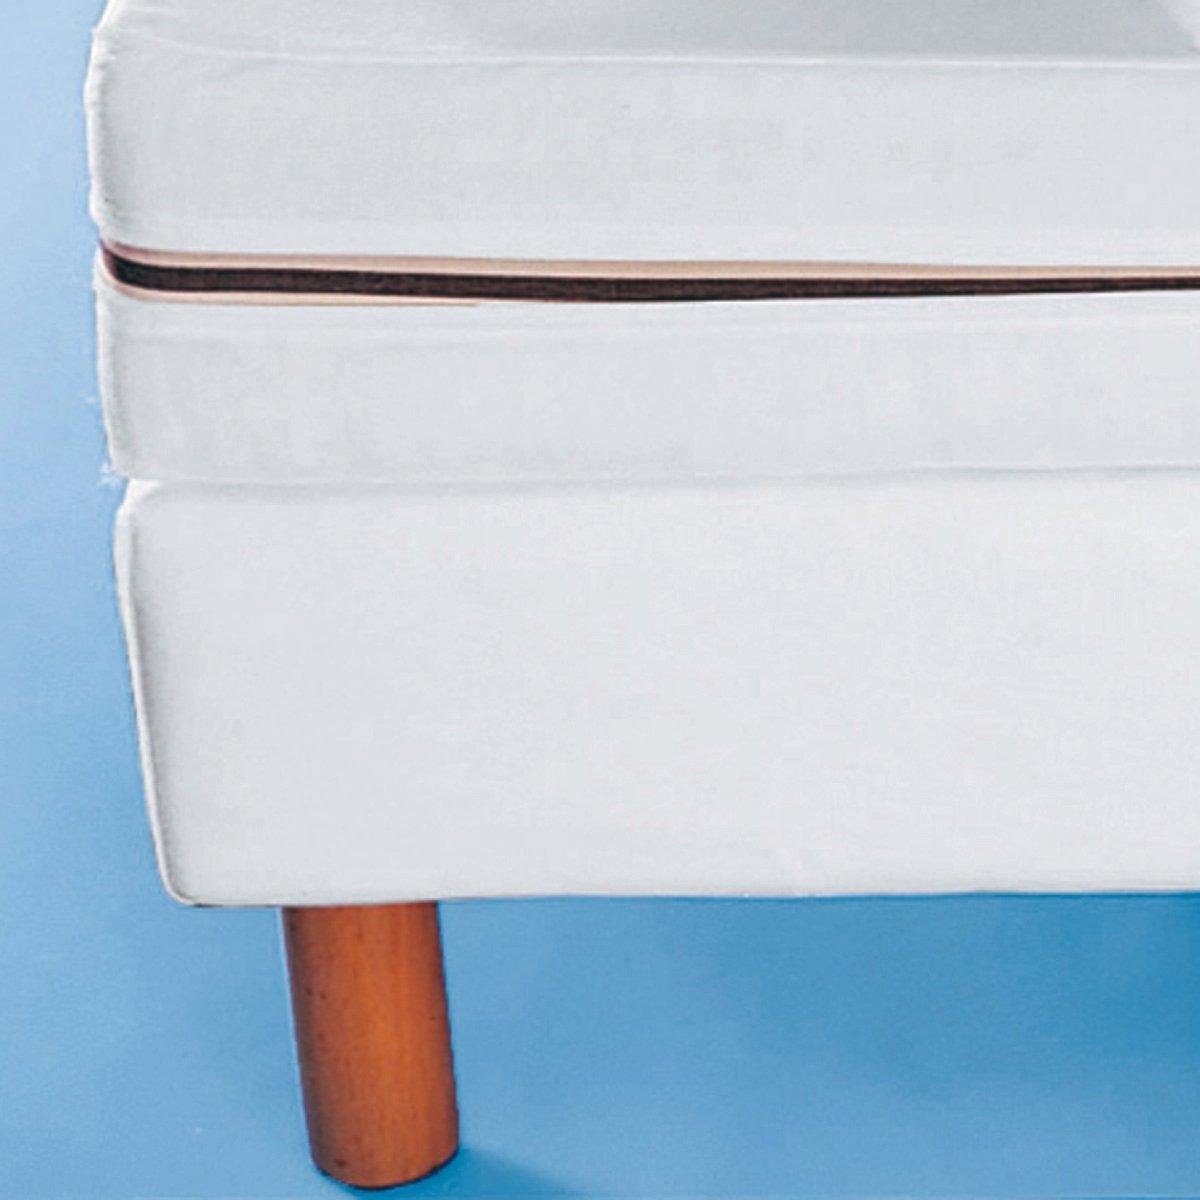 Чехол LaRedoute Для кровати 120 x 190 см белый чехол laredoute для кровати 100 льна 160 x 200 см белый